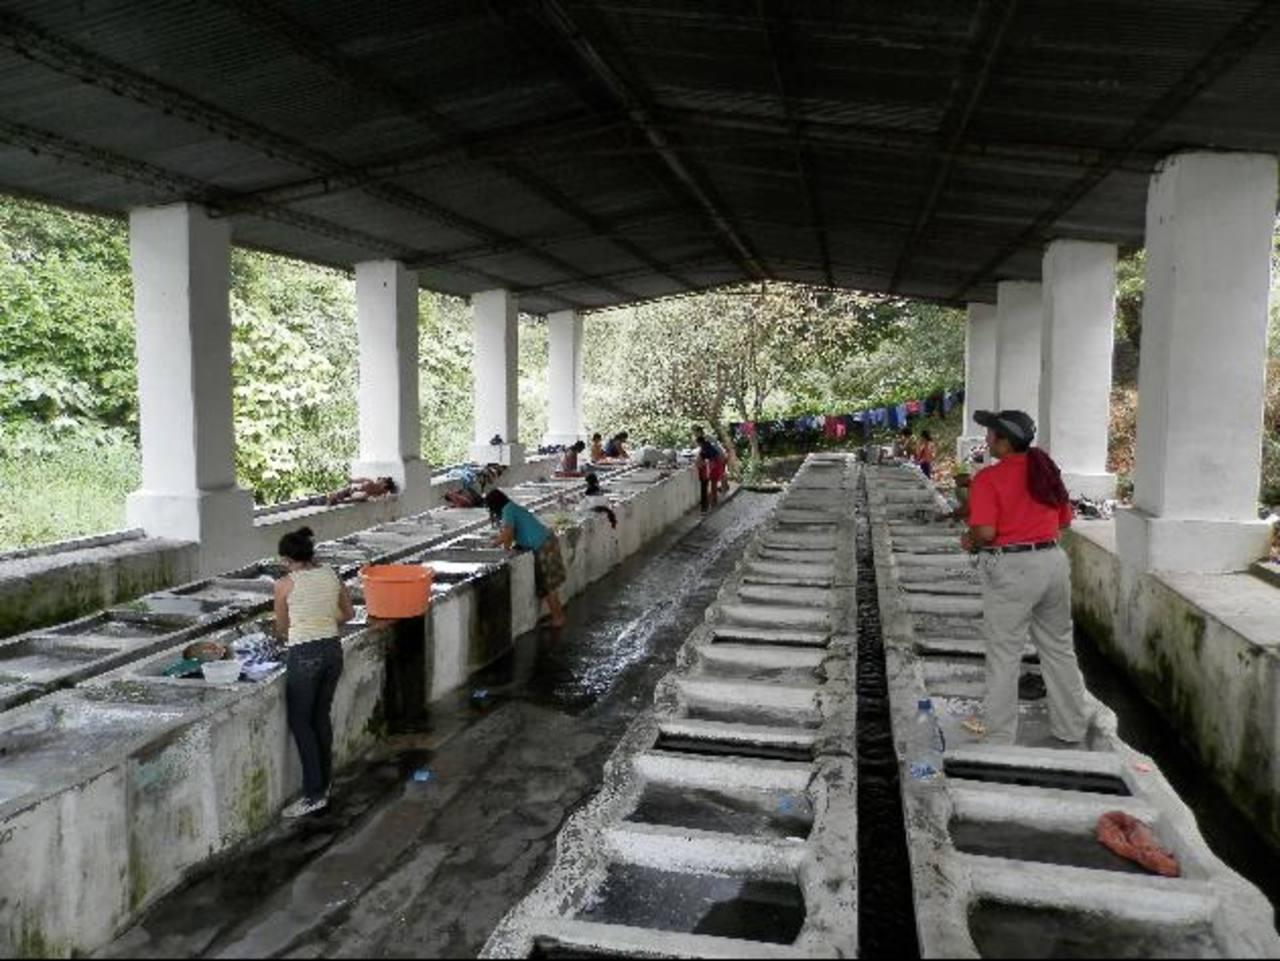 El número de personas que hace uso de los lavaderos públicos ha disminuido considerablemente. Foto EDH / milton jaco